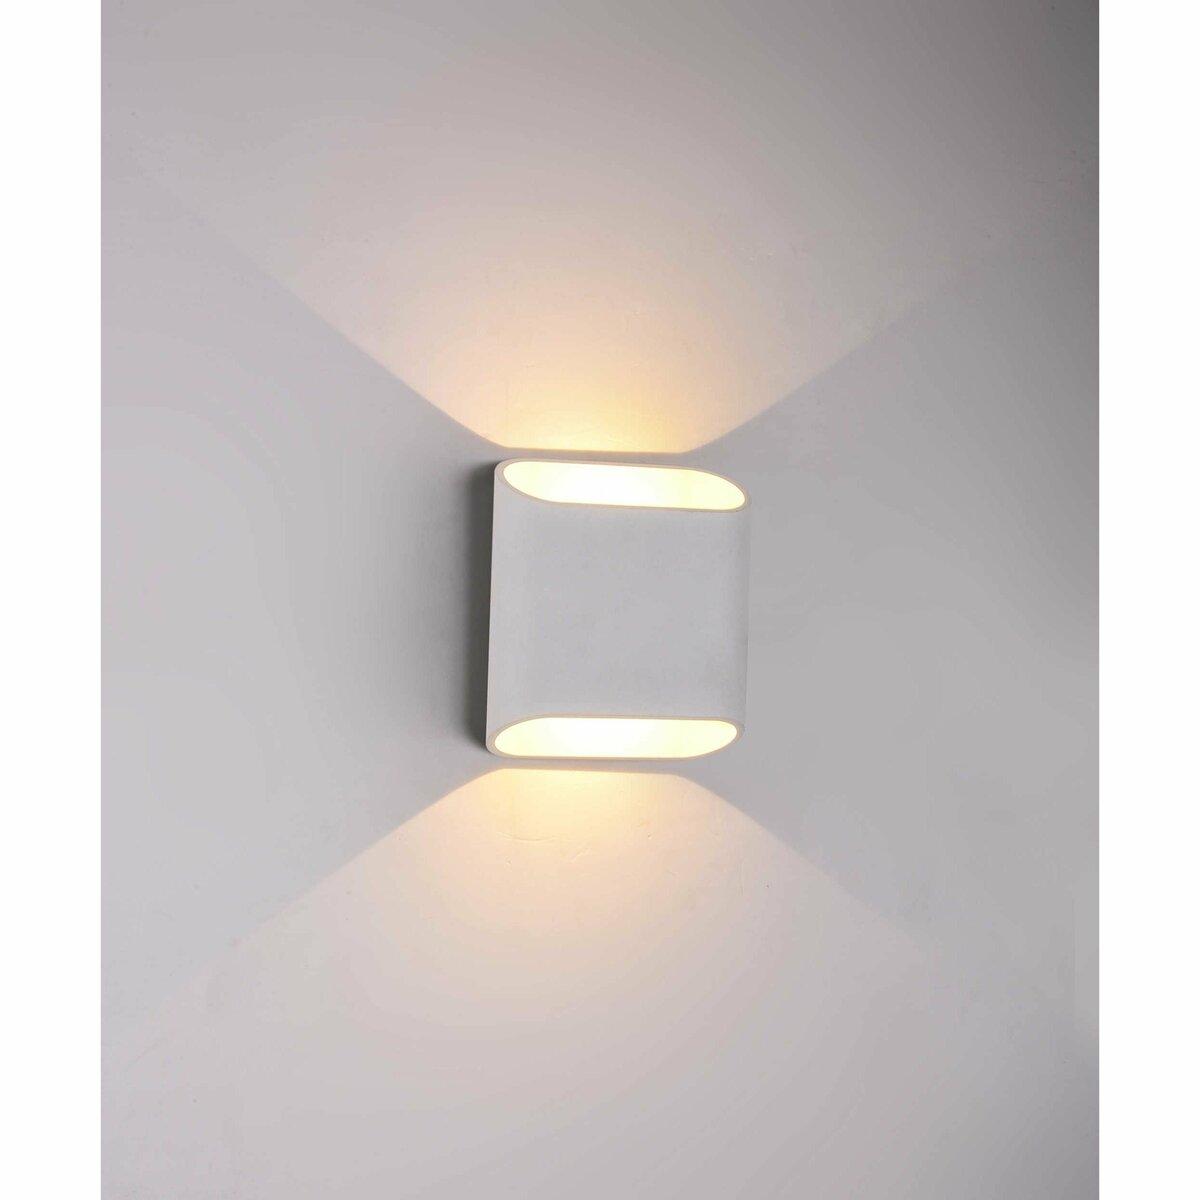 Bild 1 von DesignLive LED-Außenwandleuchte   AVENUE